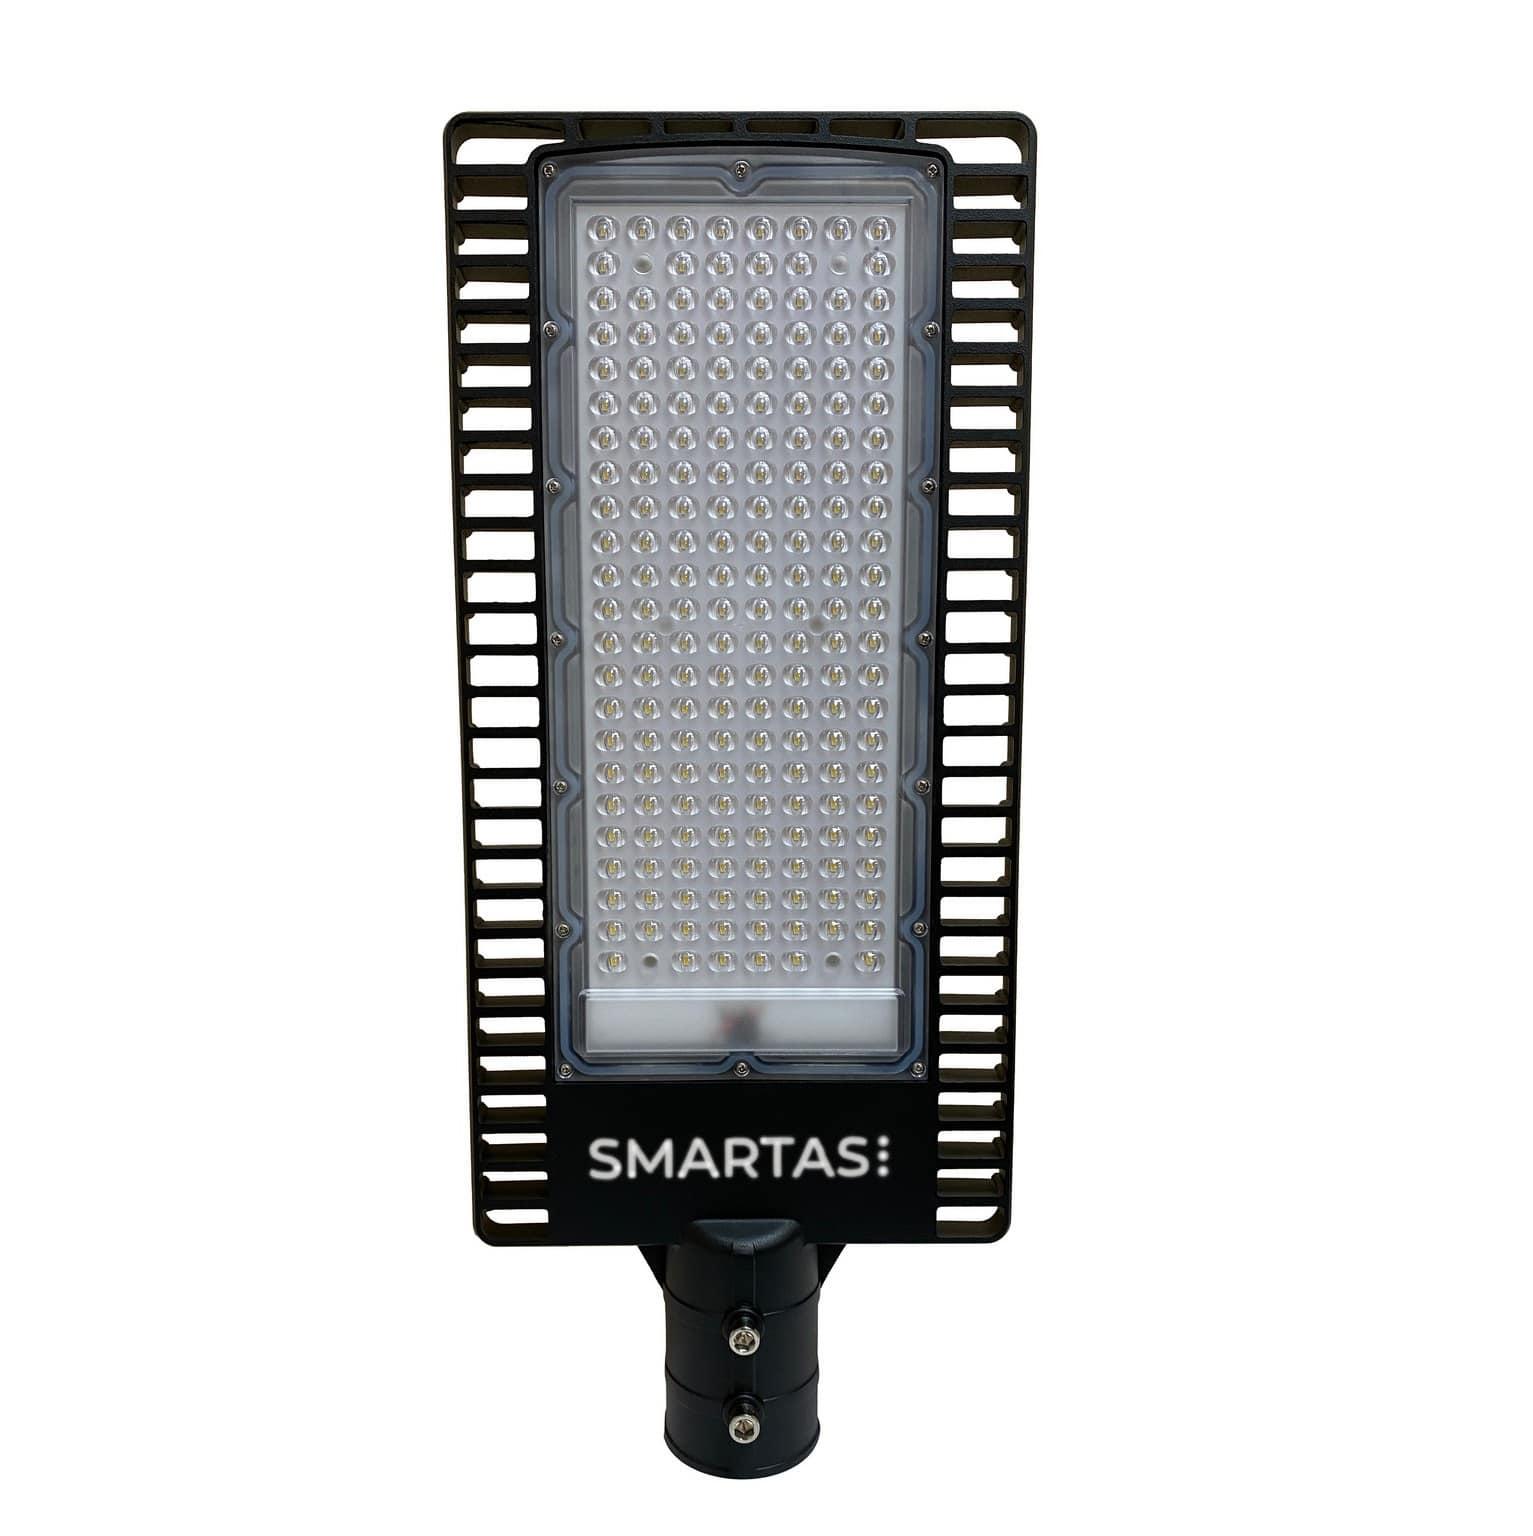 Уличные LED светильники - Консольный уличный светильник 100 Вт SMARTAS LED (GAYTANA) 000001816 - Фото 1